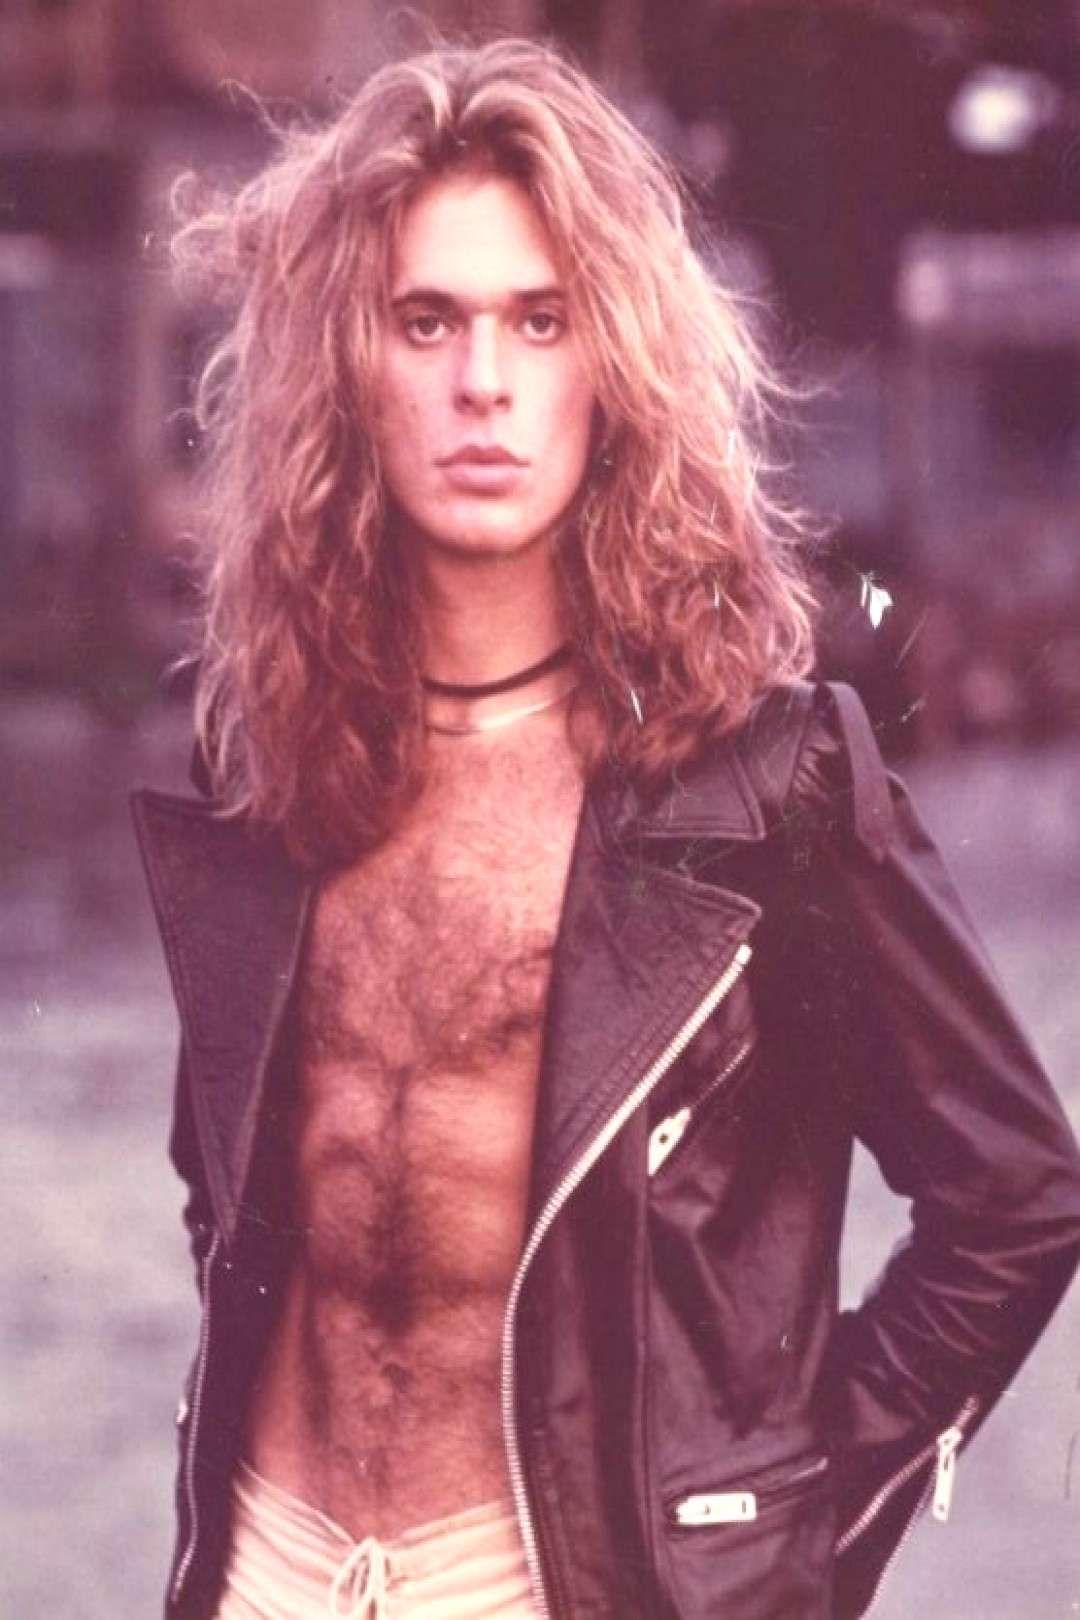 Diamond Eddie Halen Still Cutie Dave Like Van But Mr Is My Mr Diamond Dave Eddie Van Halen Is Still My Cu In 2020 David Lee Roth David Lee Van Halen